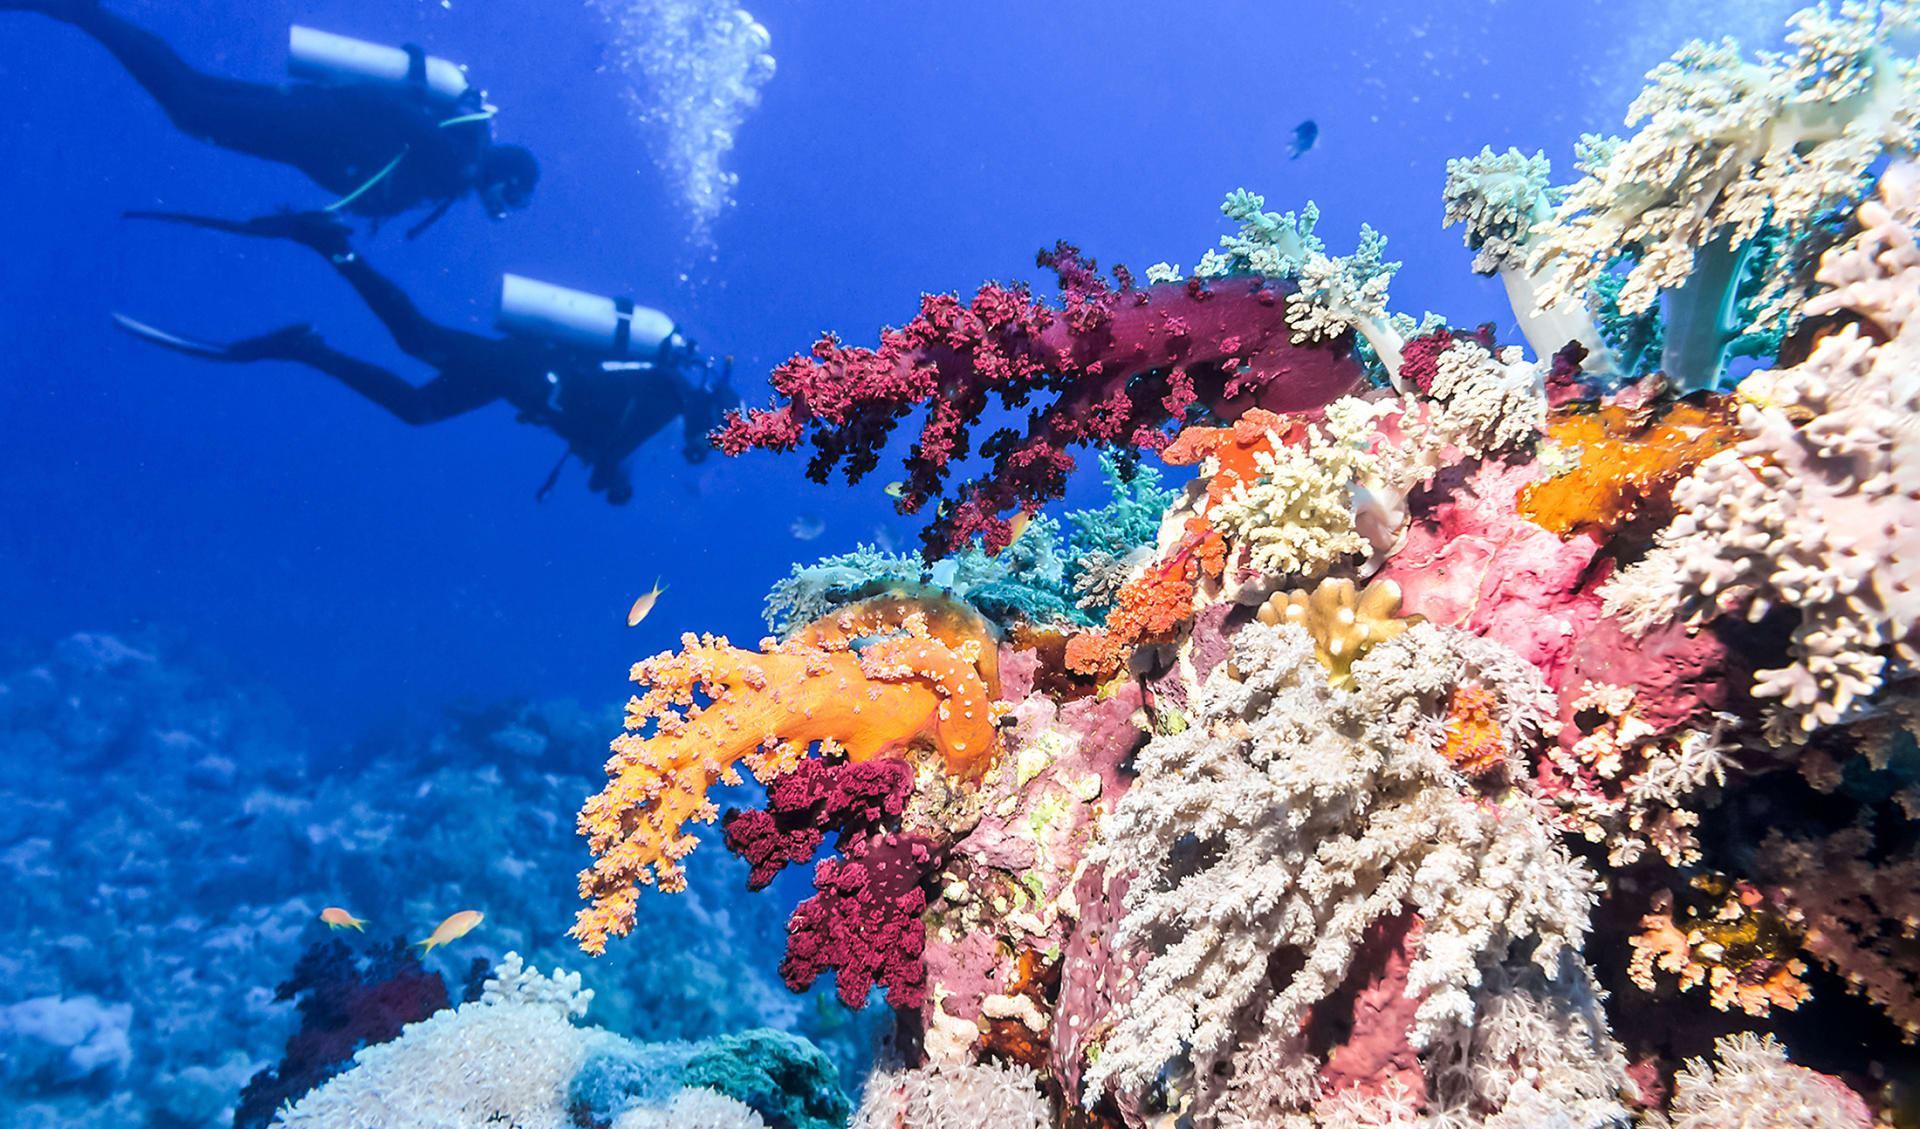 Grosses Riff, Belize